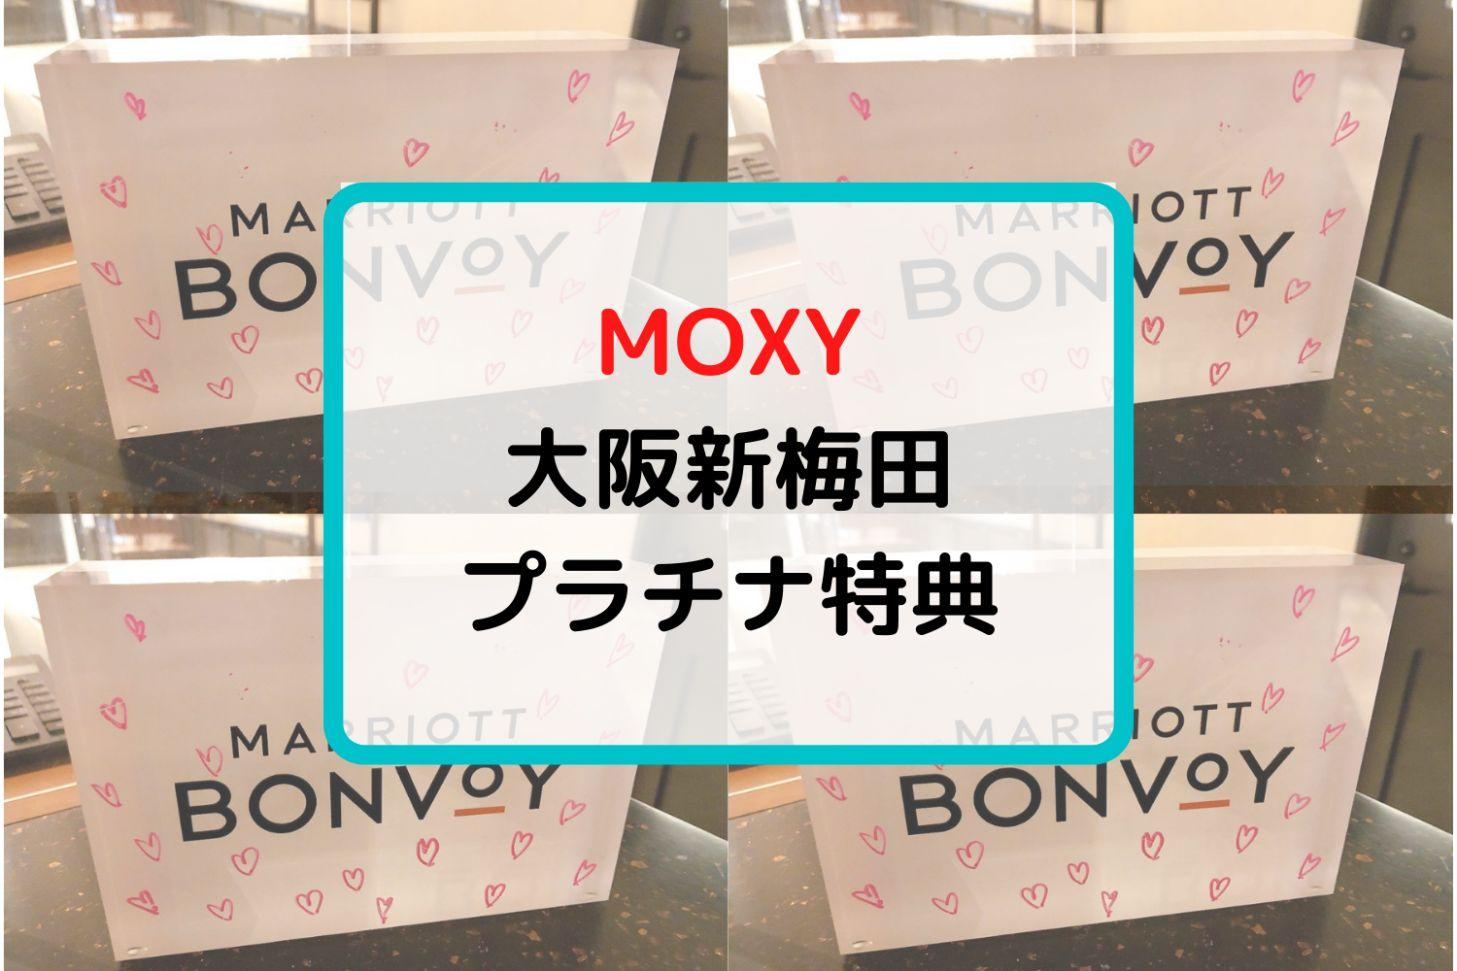 モクシー大阪新梅田アイキャッチ画像